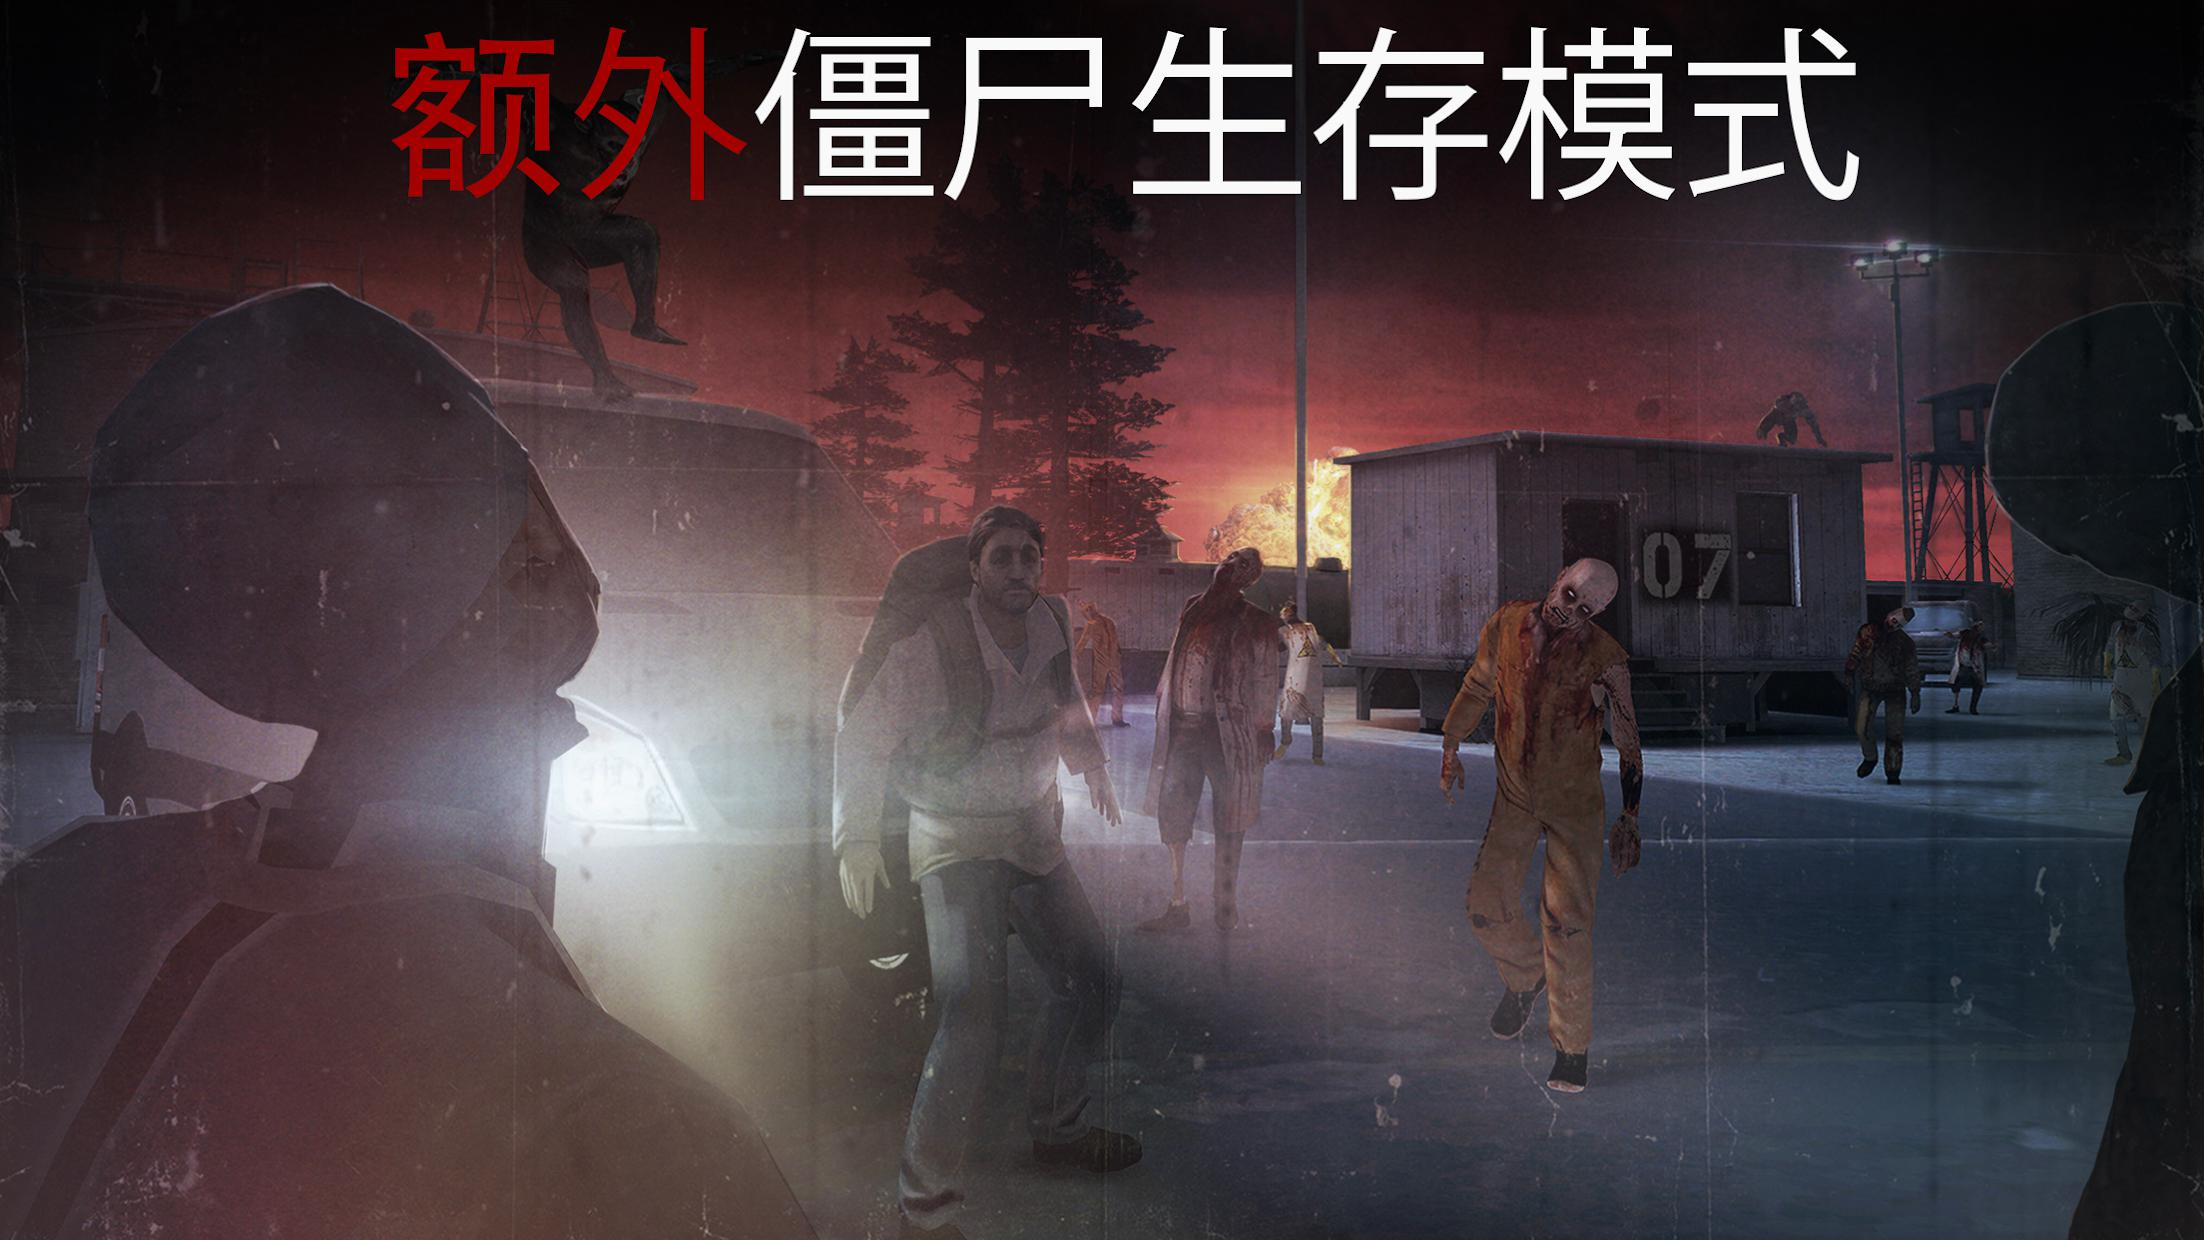 代号47:狙击 游戏截图4